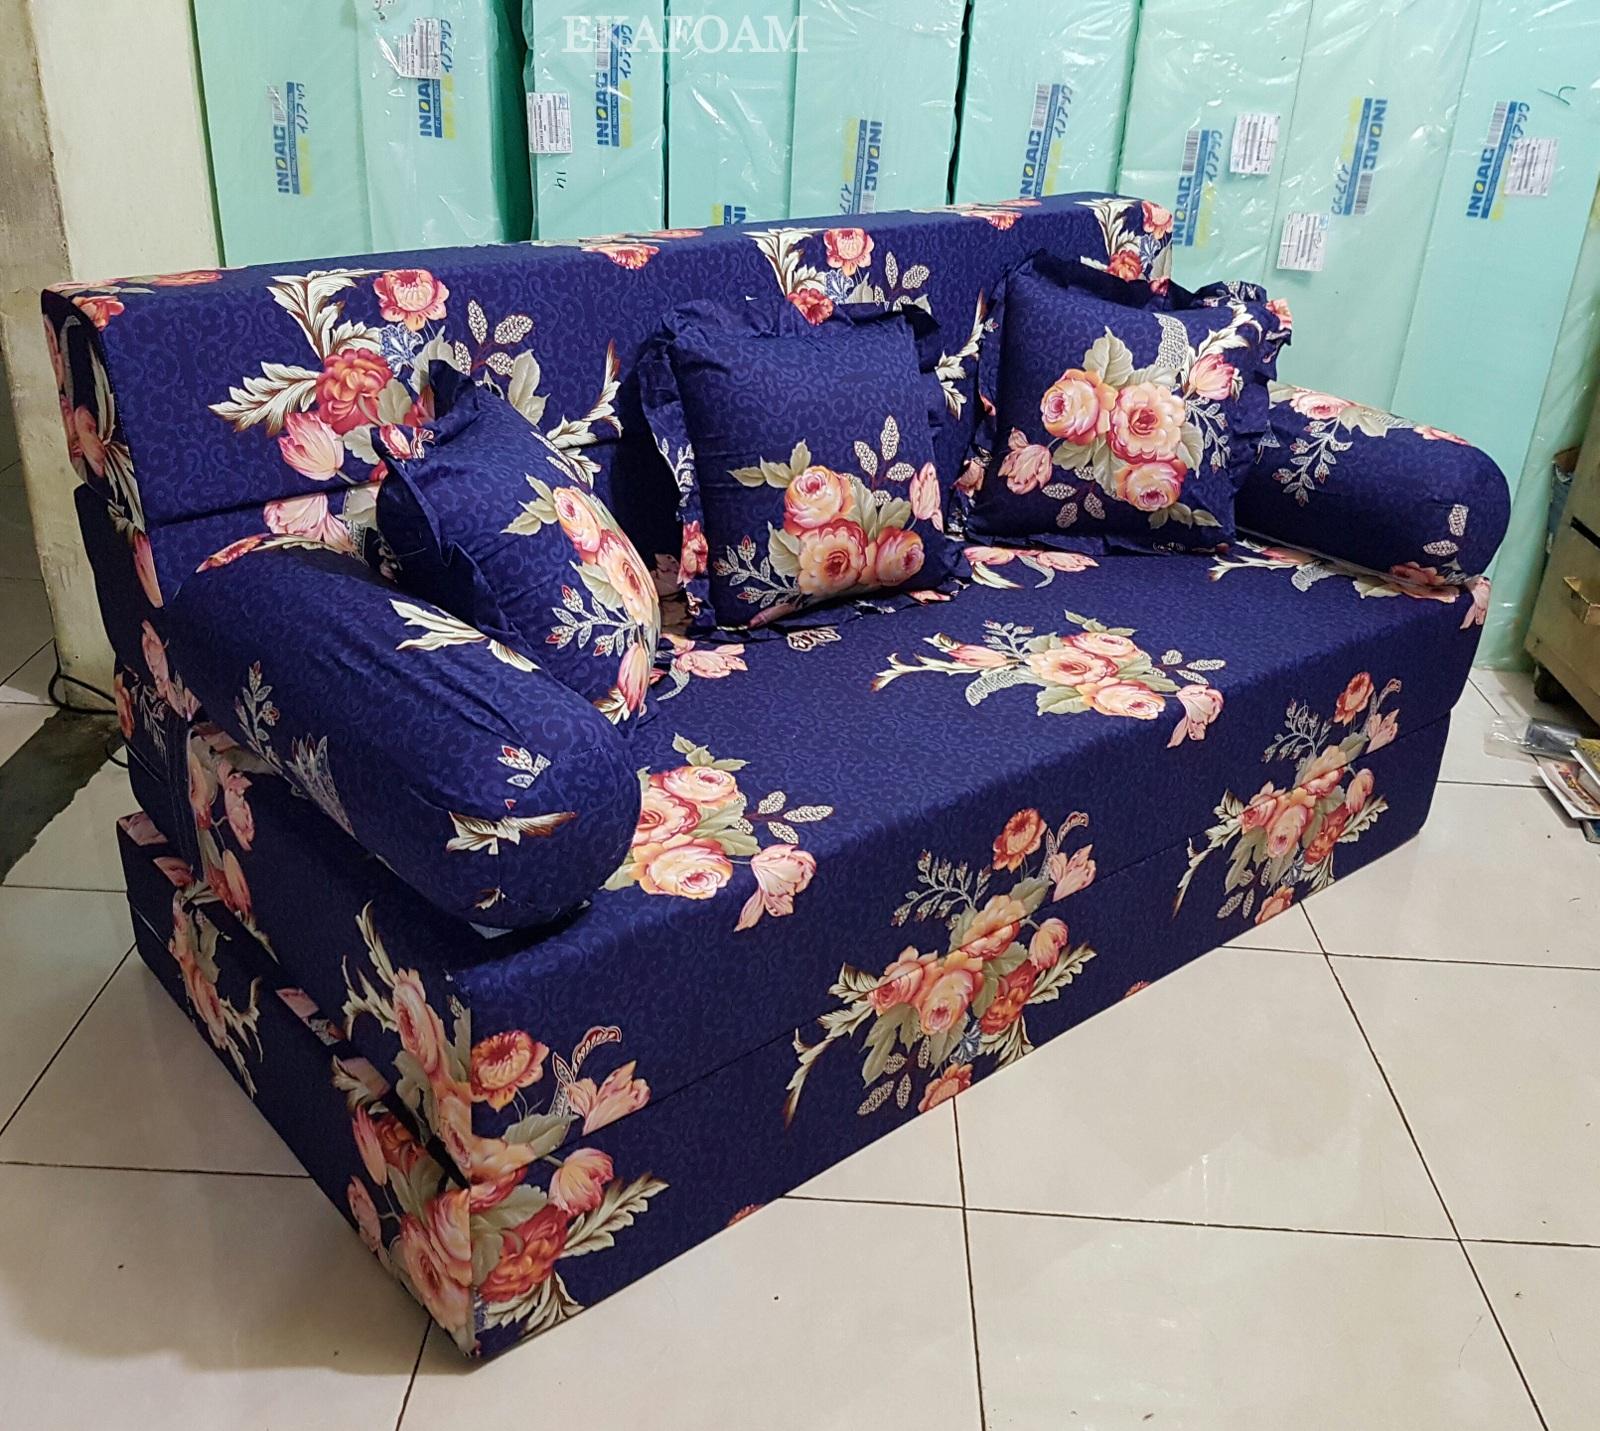 Sofa Bed Inoac 3 In 1 Black And White Striped Sectional Motif Keluarga Dewasa Agen Resmi Kasur